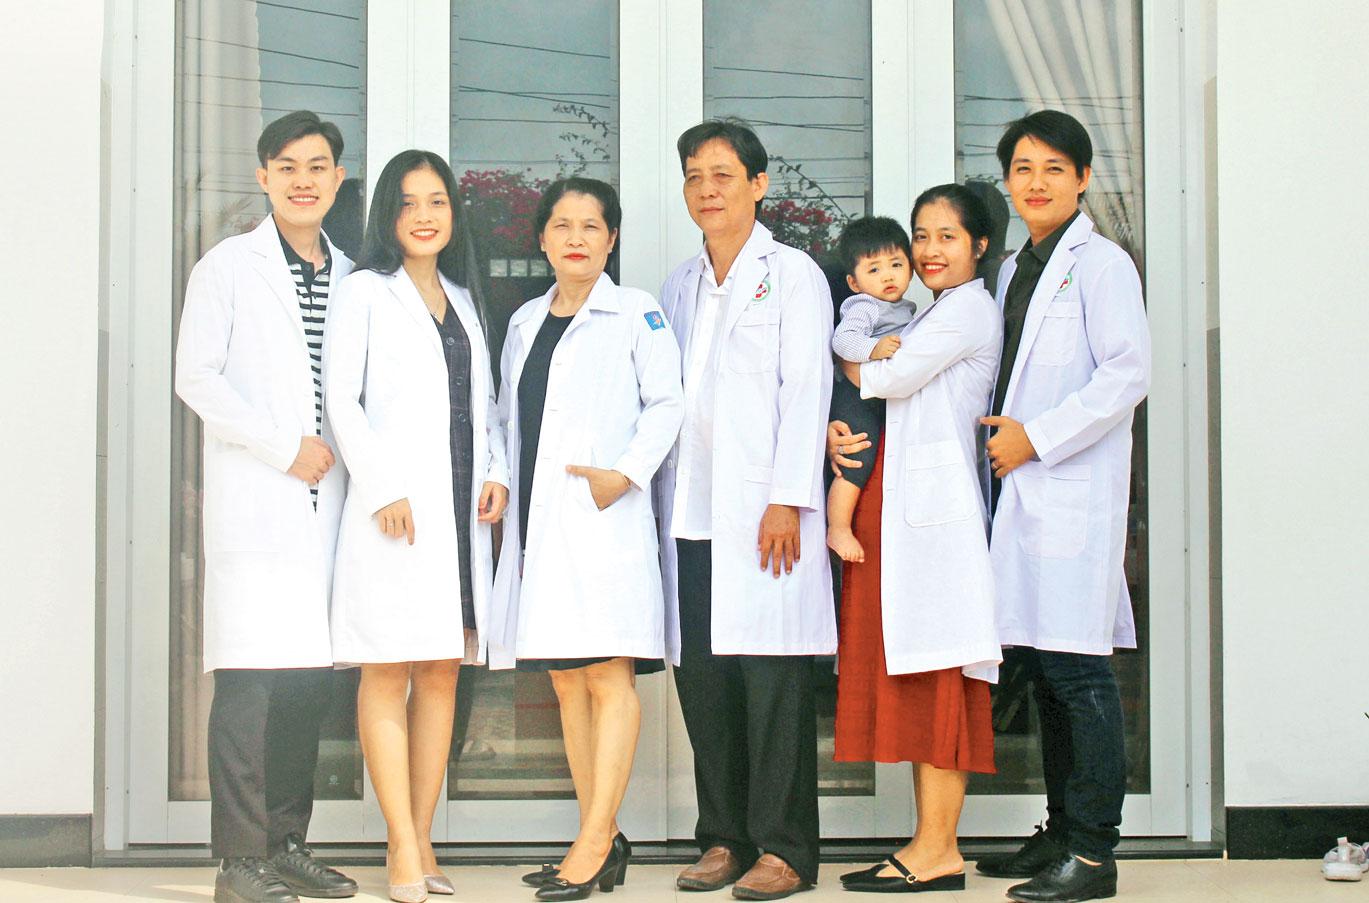 """""""Tổ ấm"""" của gia đình bác sĩ Nguyễn Văn Del - Âu Thị Cẩm Duyên"""